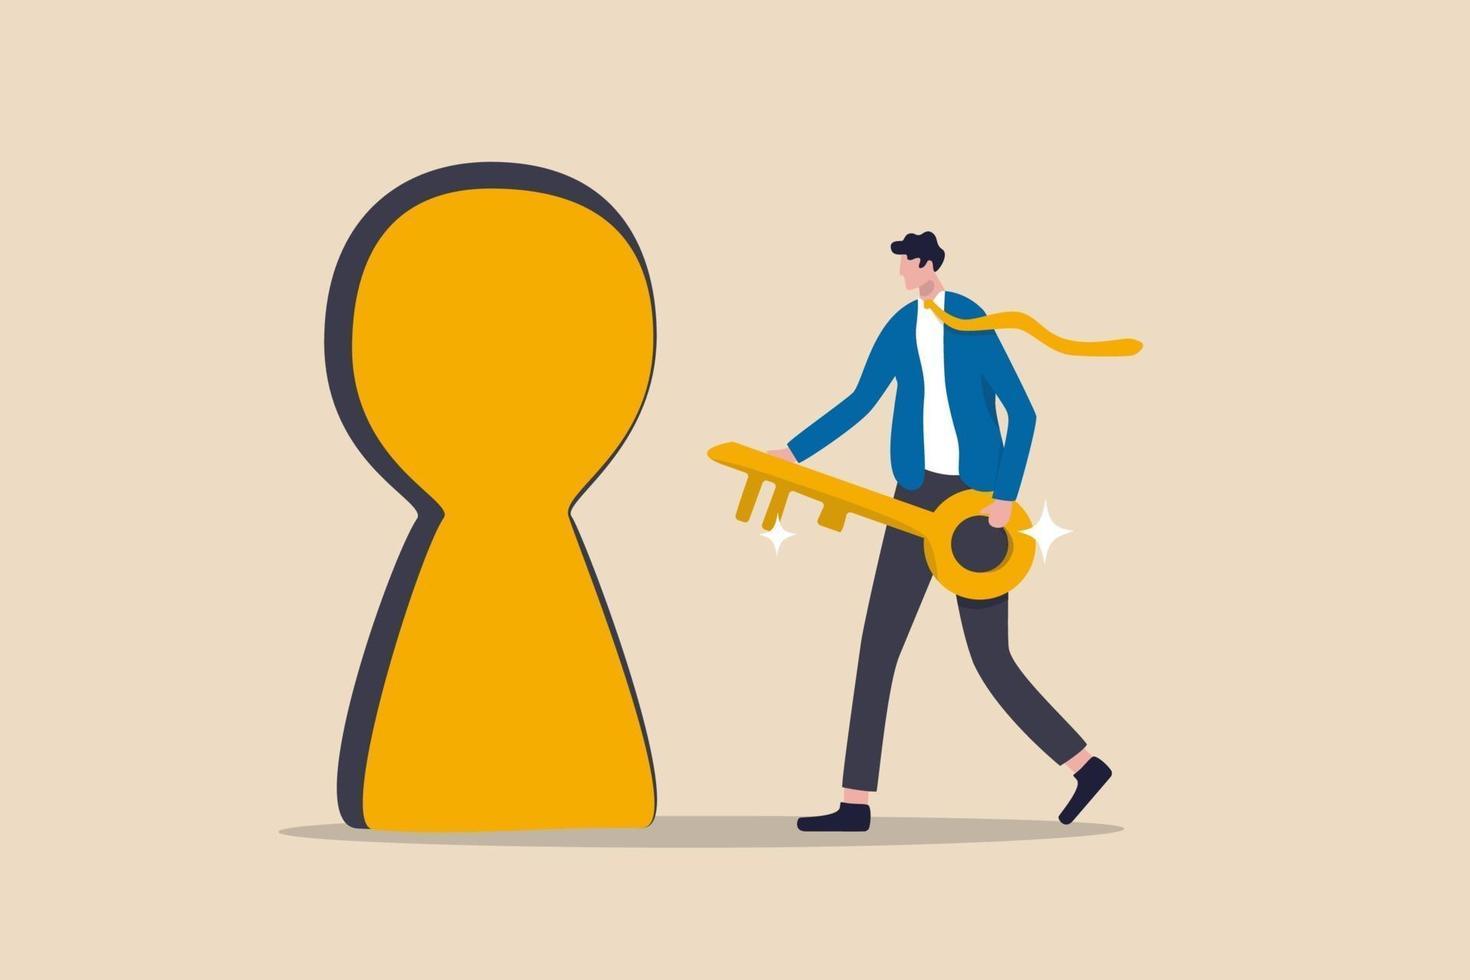 clave para el éxito, desbloquear la puerta secreta para un negocio en crecimiento, oportunidad de carrera o concepto de logro de objetivos, empresario de confianza con llave dorada y corriendo para desbloquear el ojo de la cerradura para alcanzar el objetivo vector